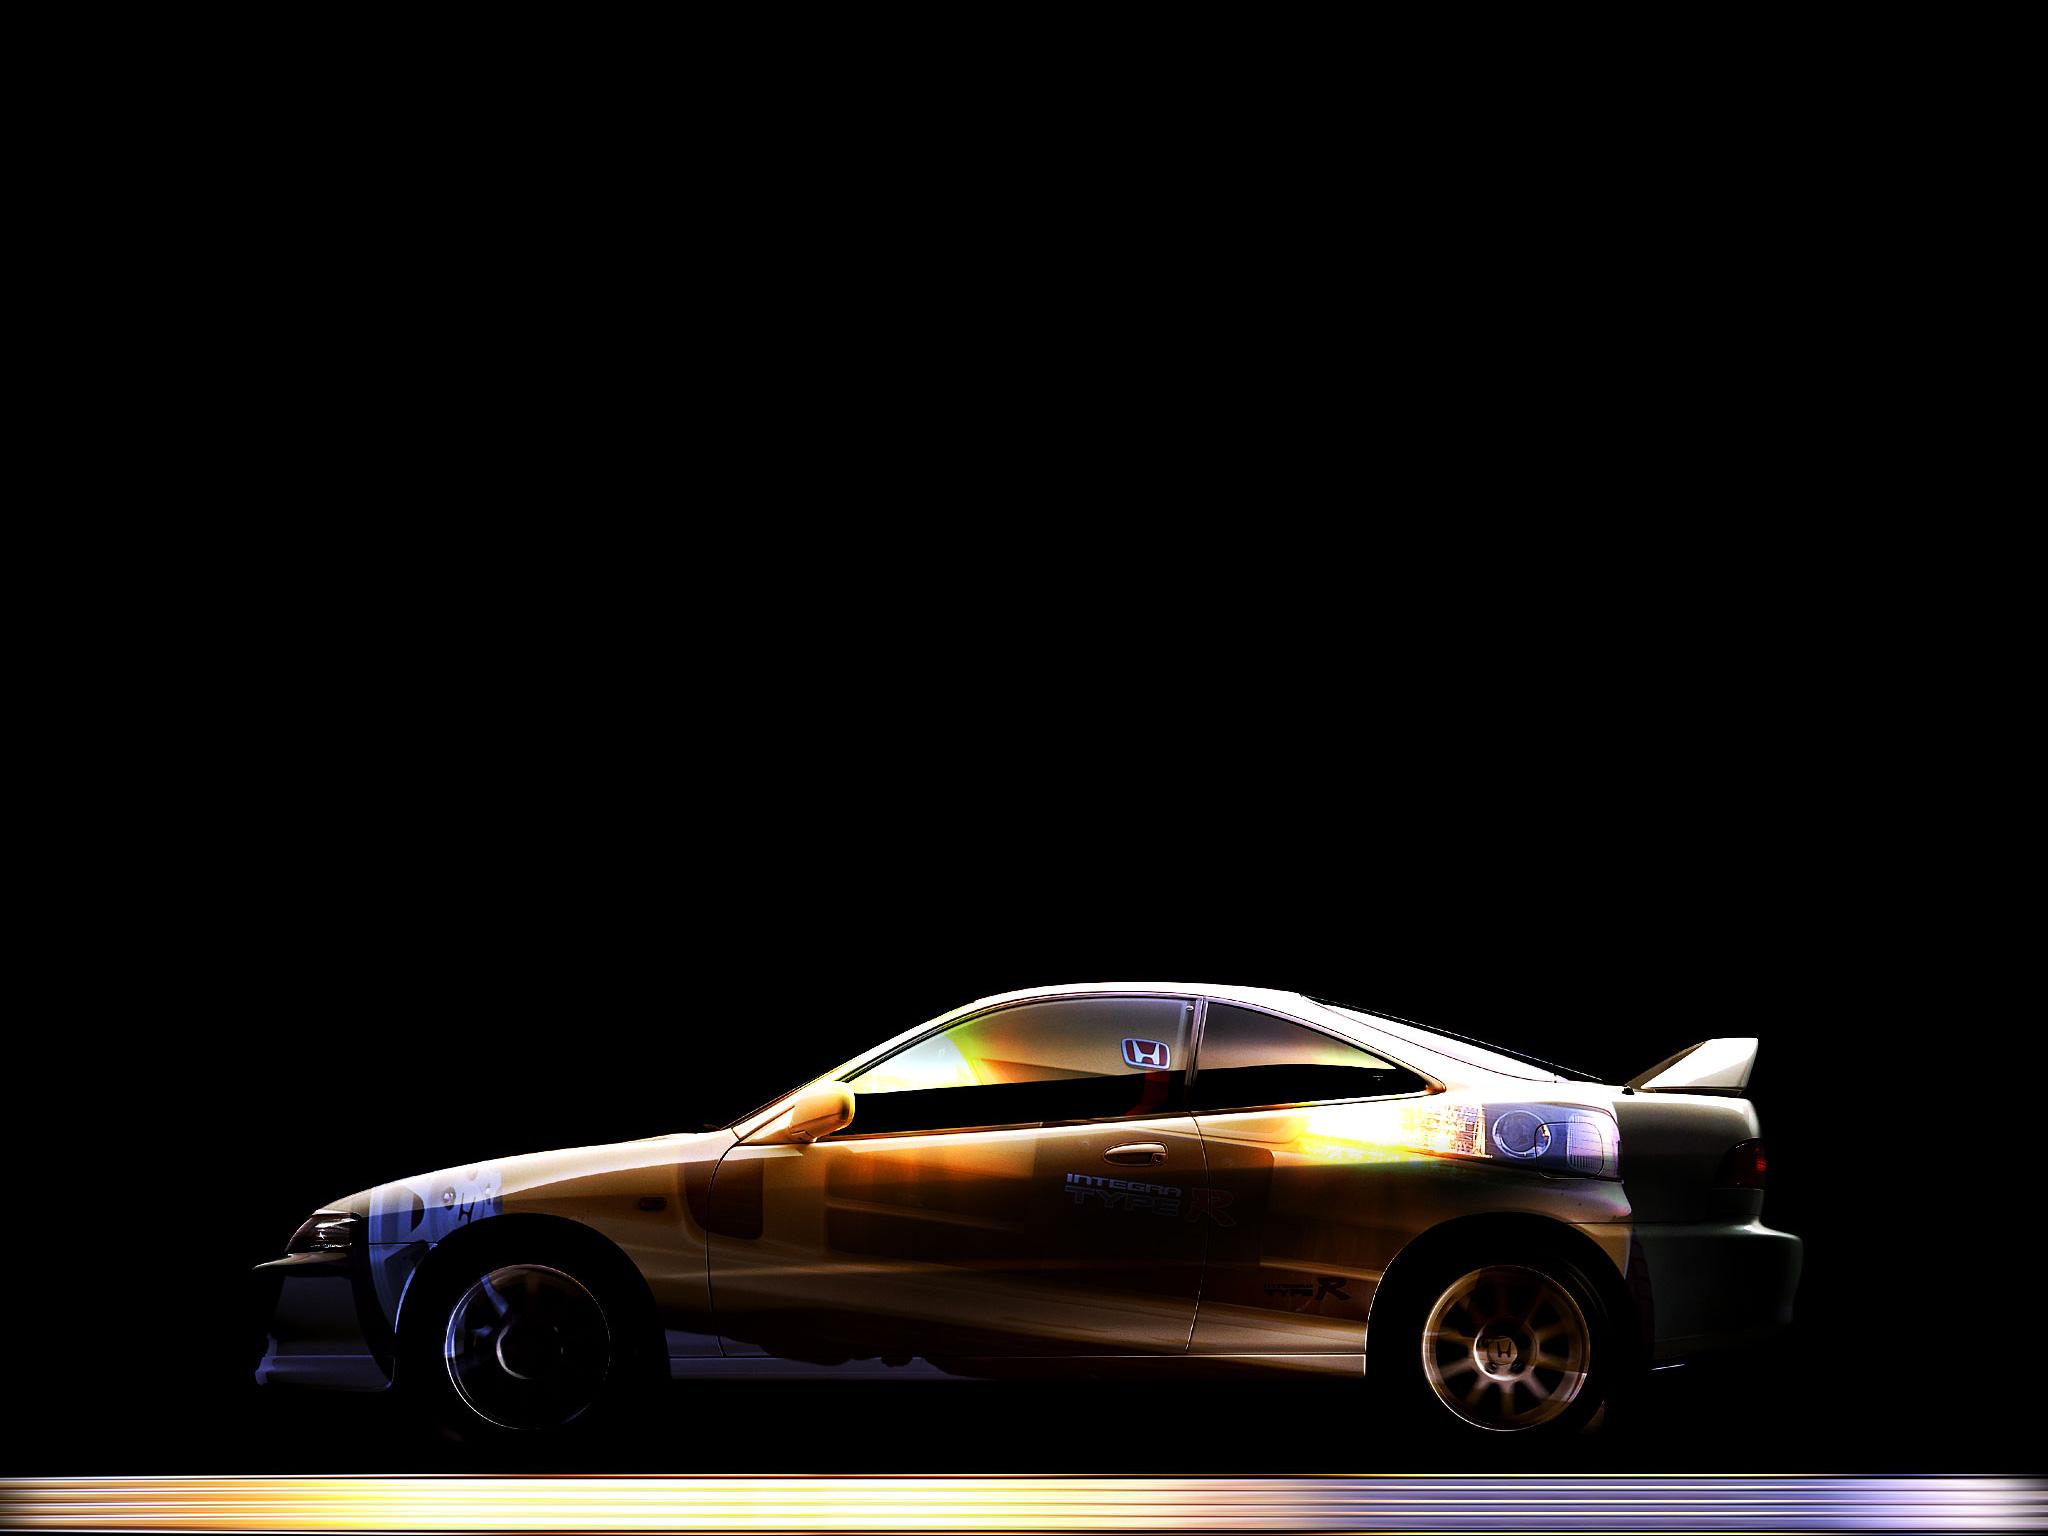 Black Acura Integra Wallpaper  Black Acura Integra Wallpaper Honda